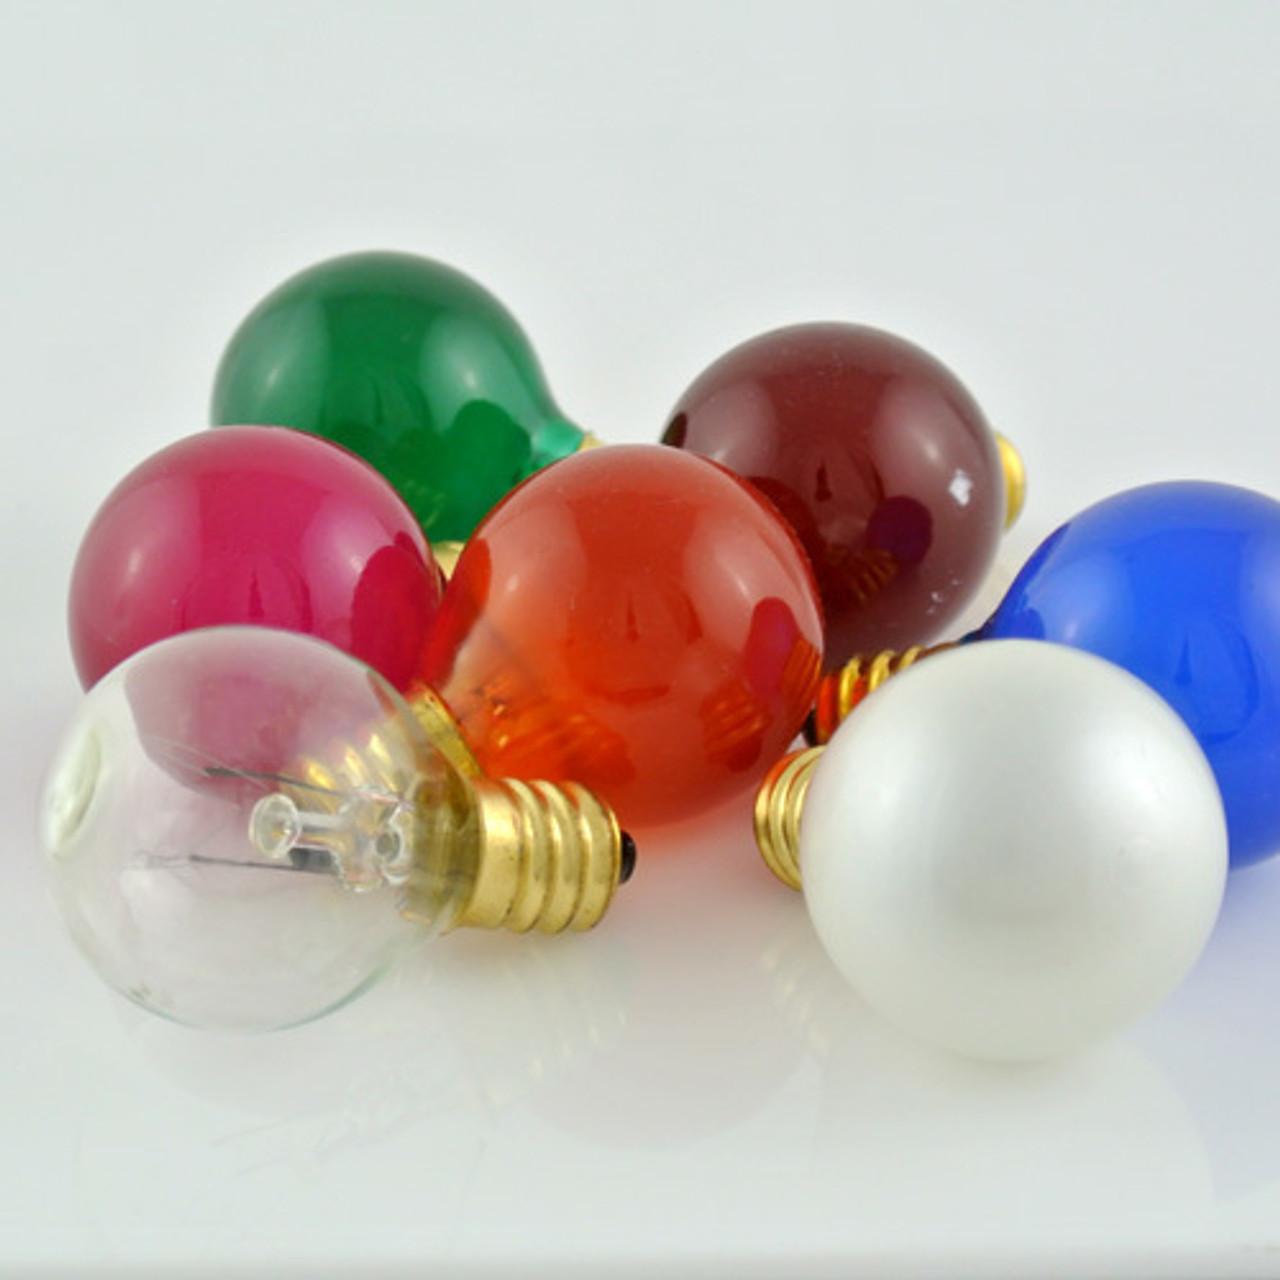 C7 / E12 / Candelabra Base Bulbs